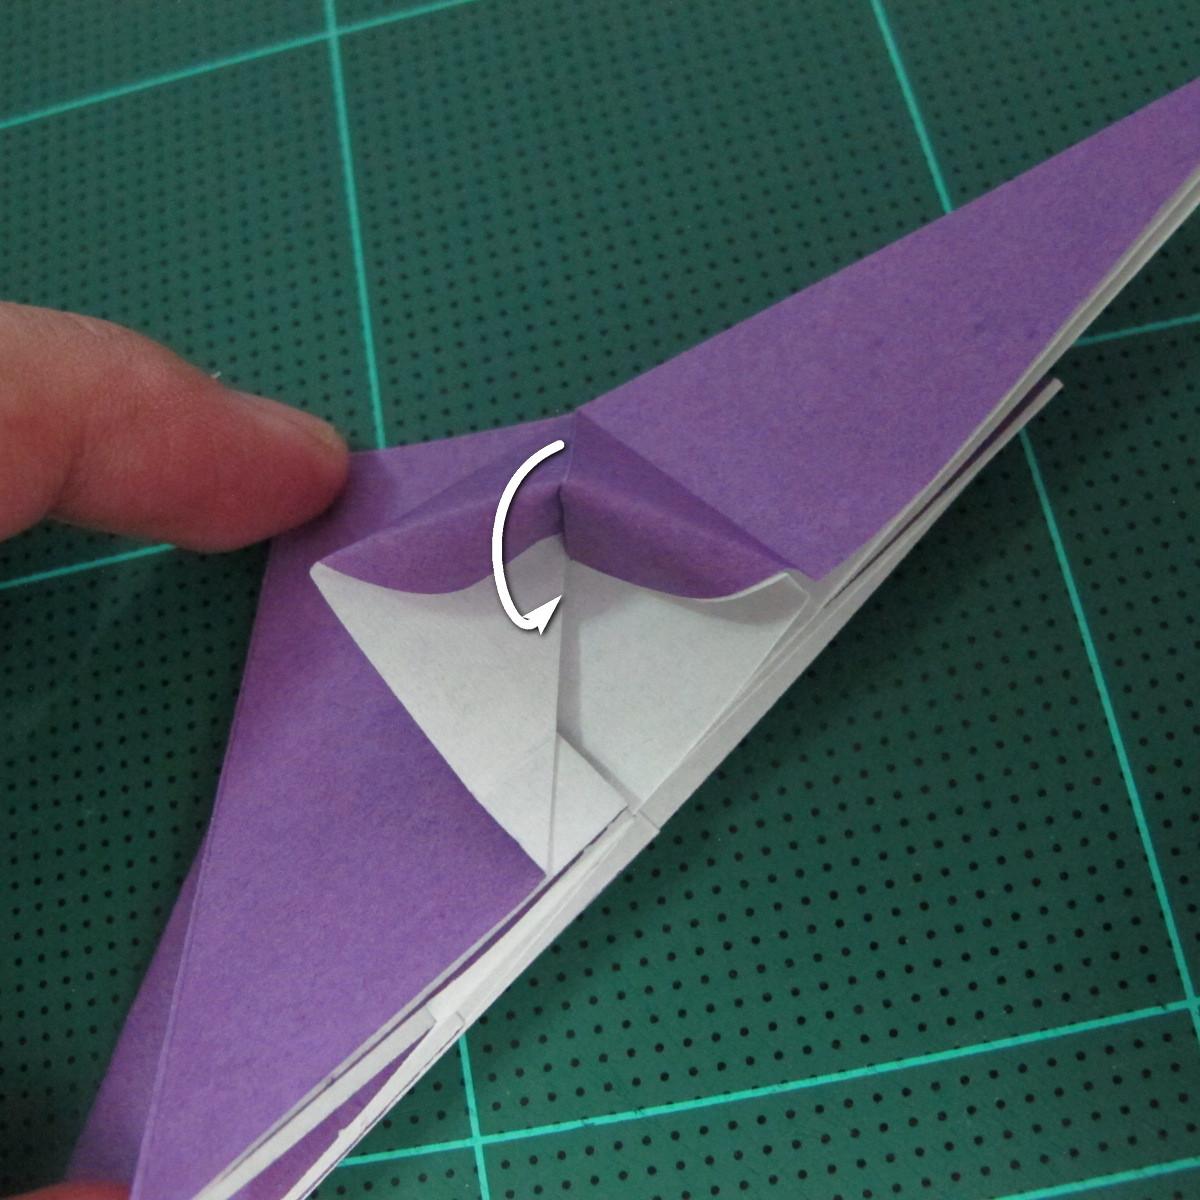 วิธีพับกระดาษเป็นรูปนกอินทรี (Origami Eagle) 007